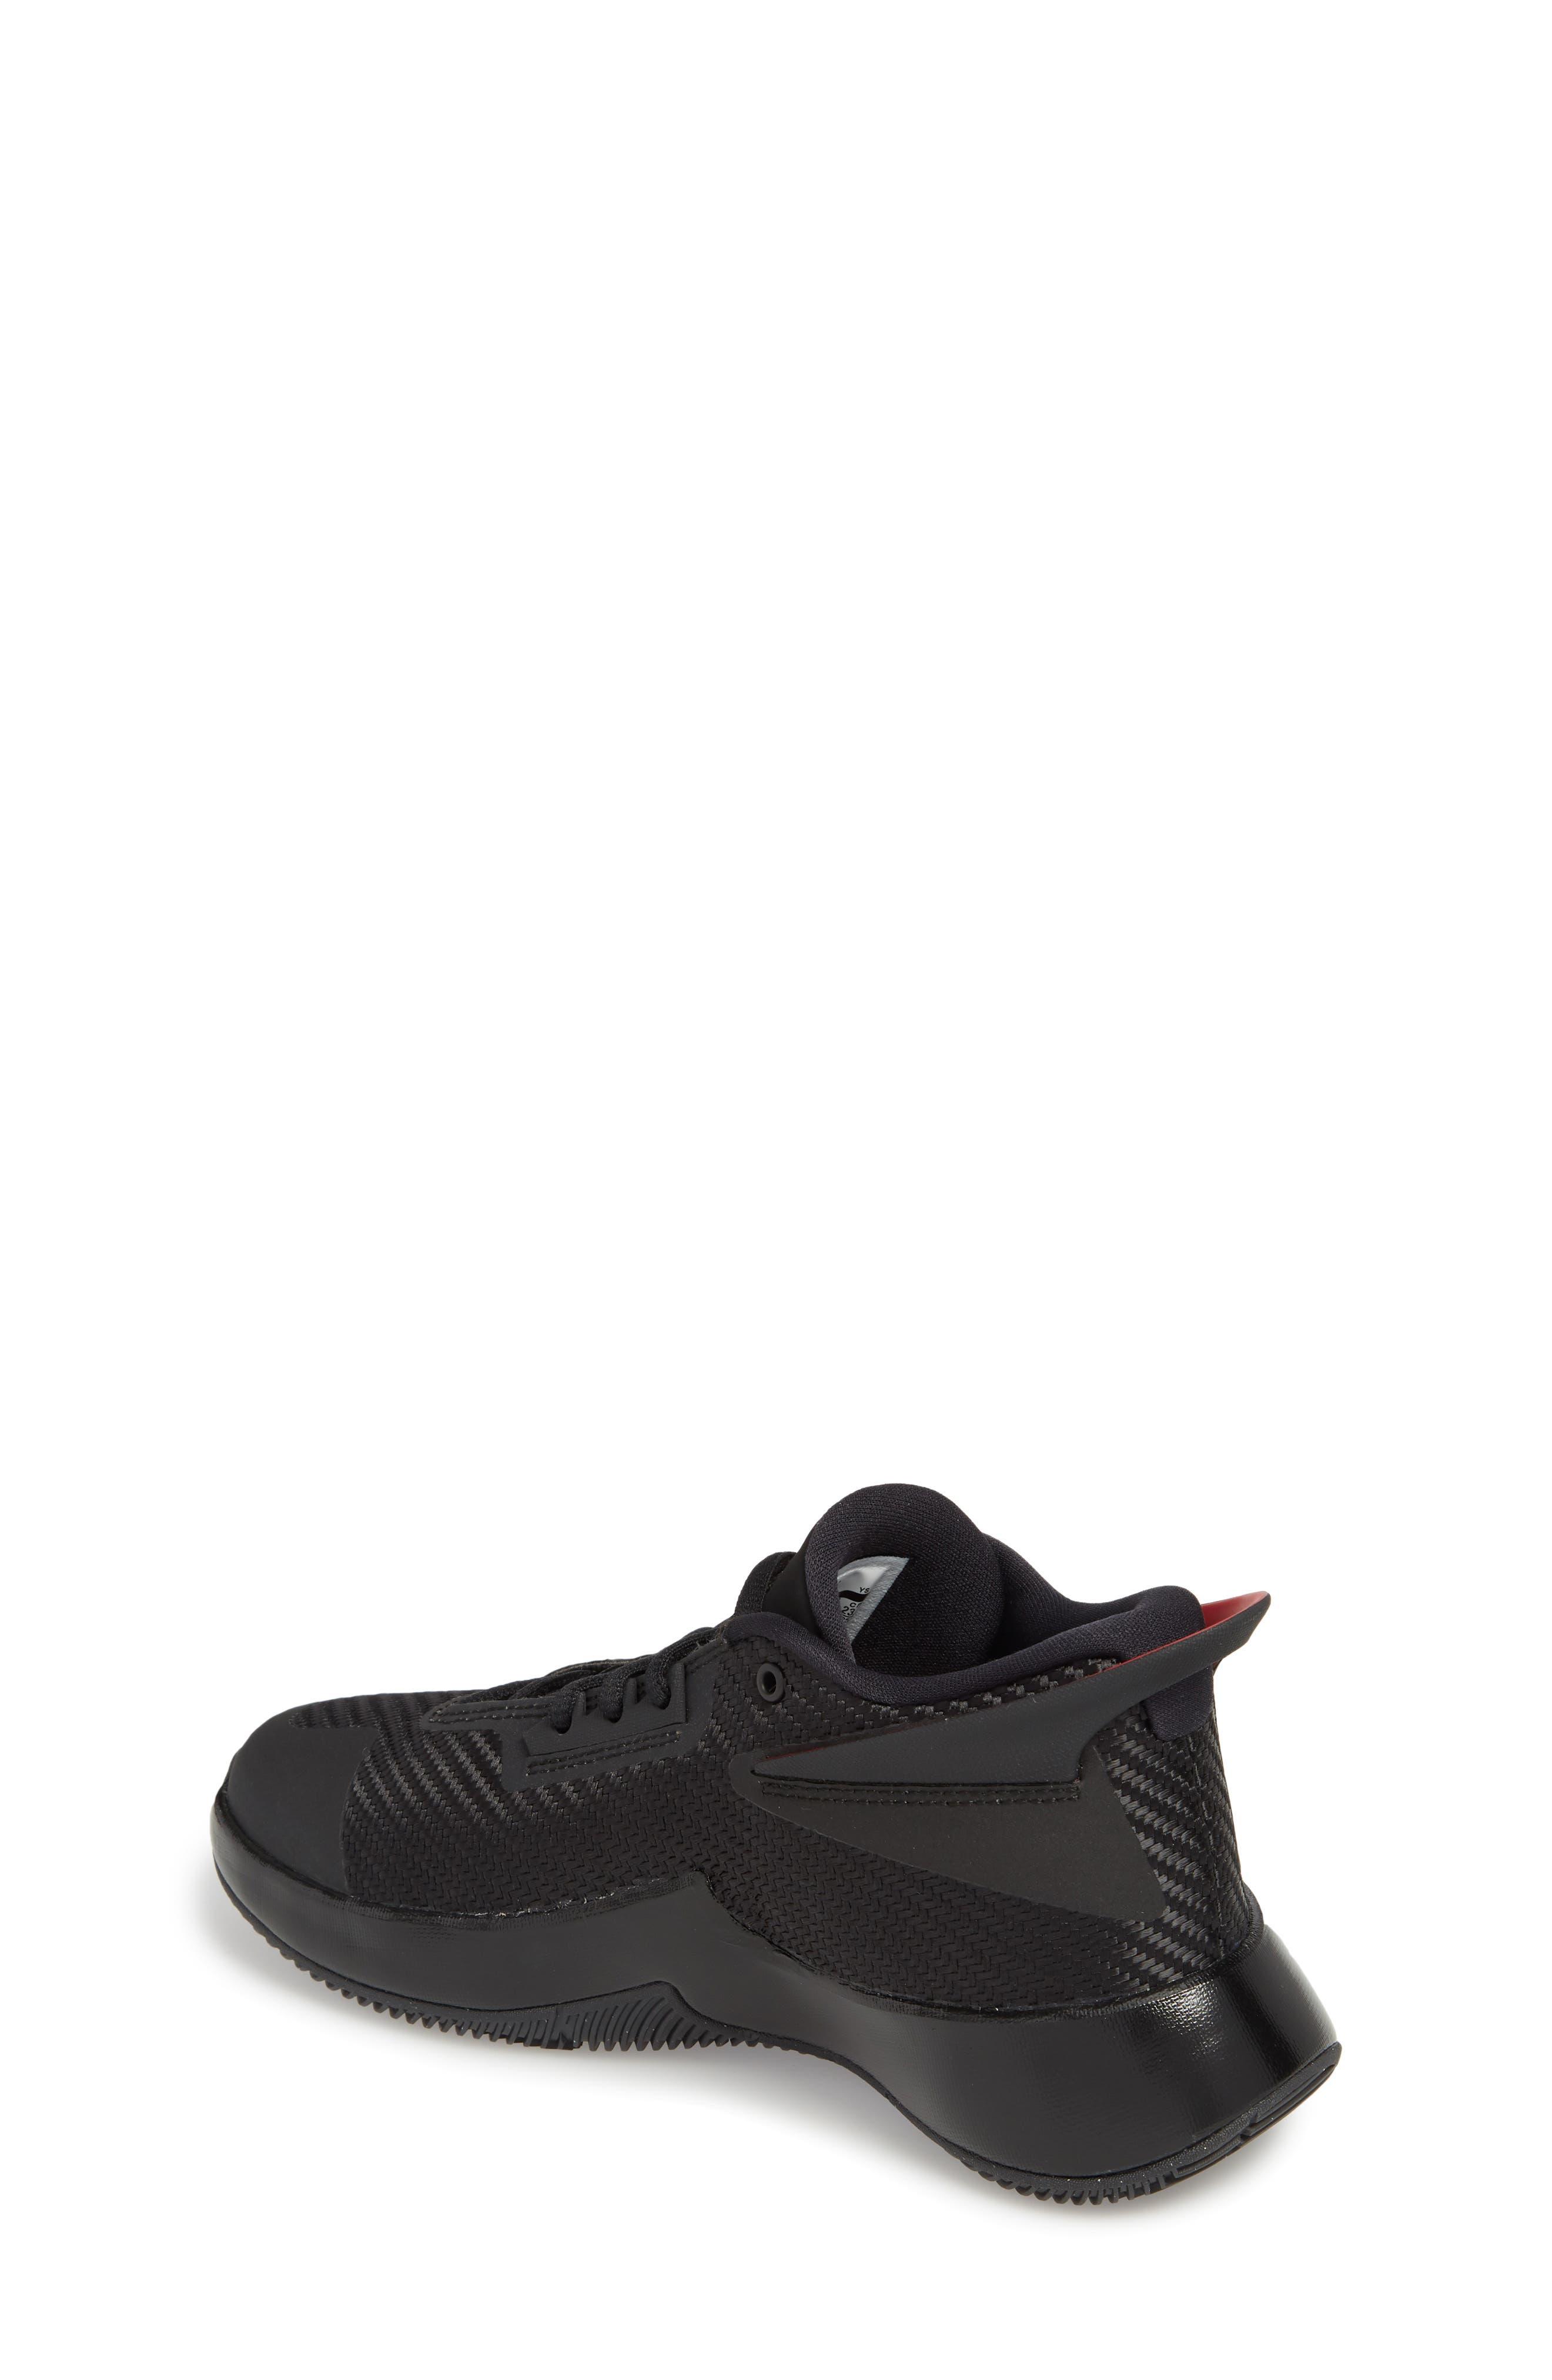 Fly Lockdown Sneaker,                             Alternate thumbnail 4, color,